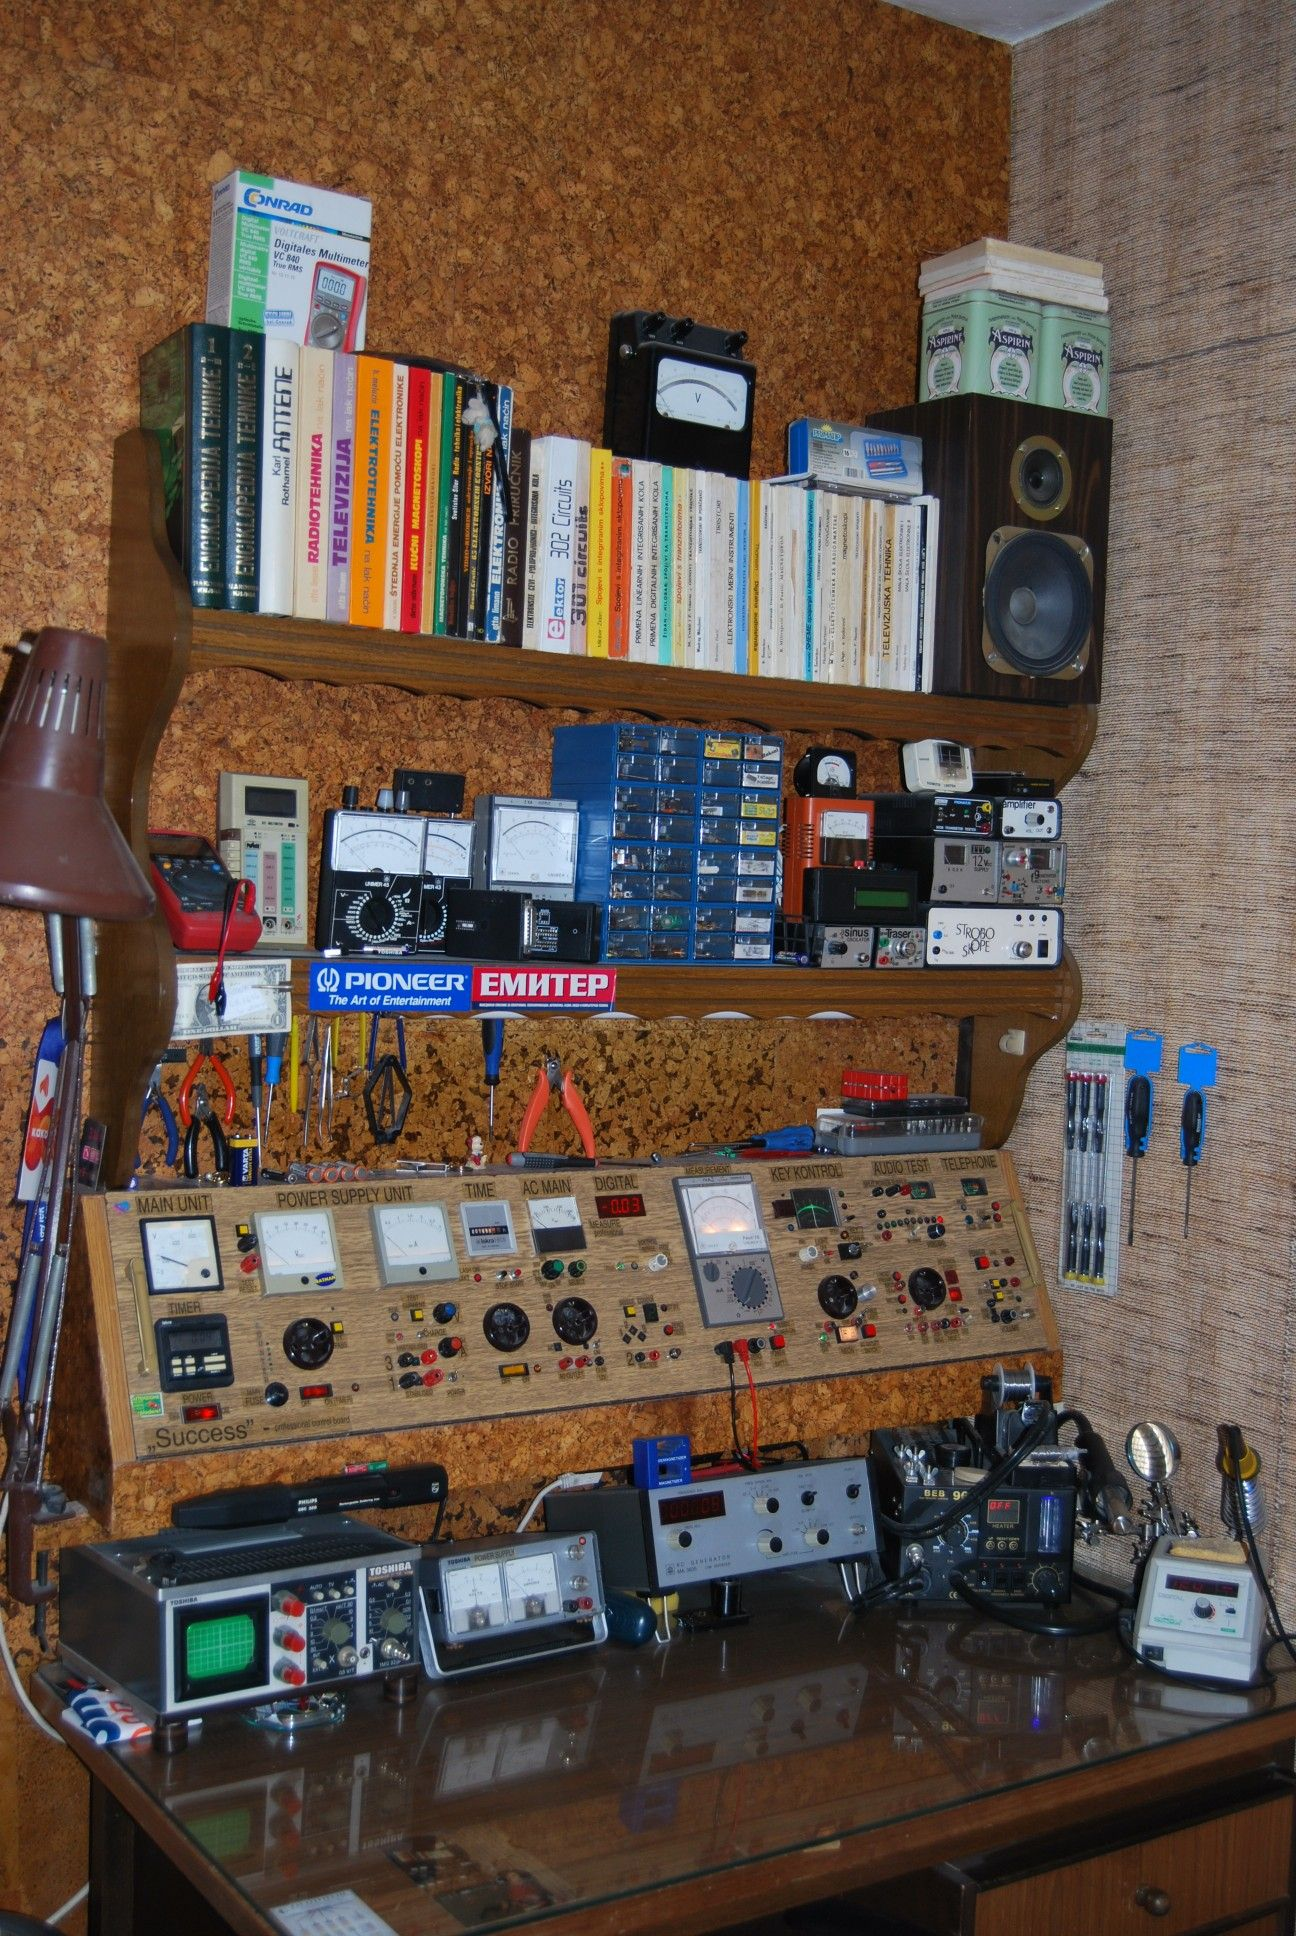 Dsc_4741 1296 x 1936 electronic workbench electronics